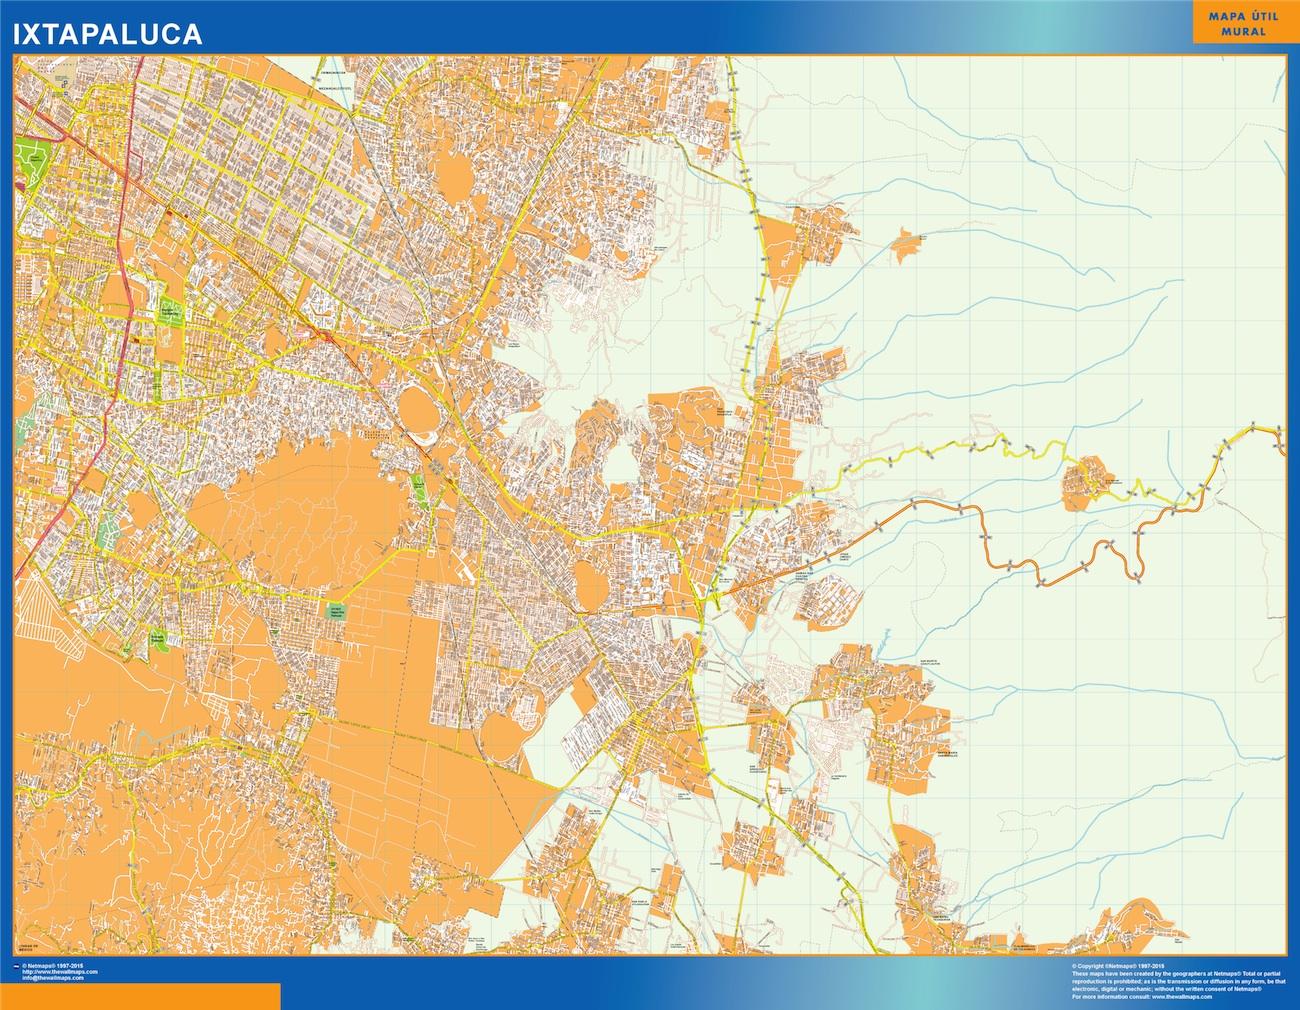 mapa Ixtapaluca